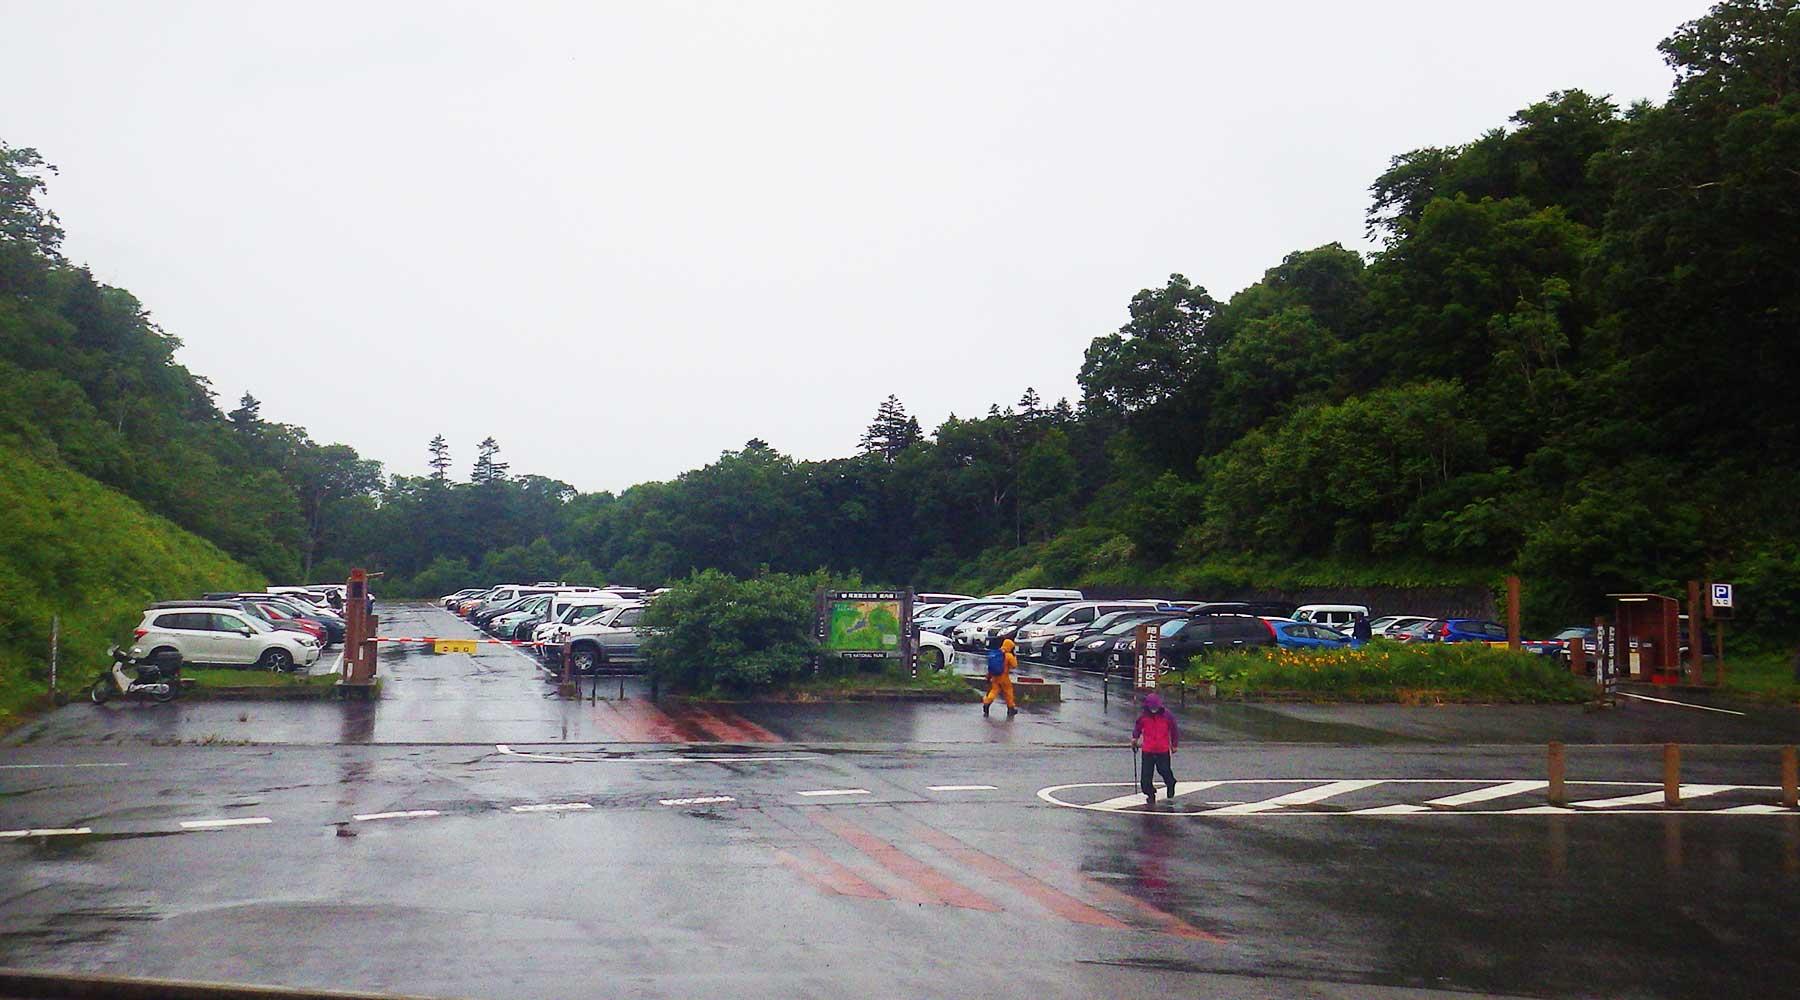 御池登山口駐車場